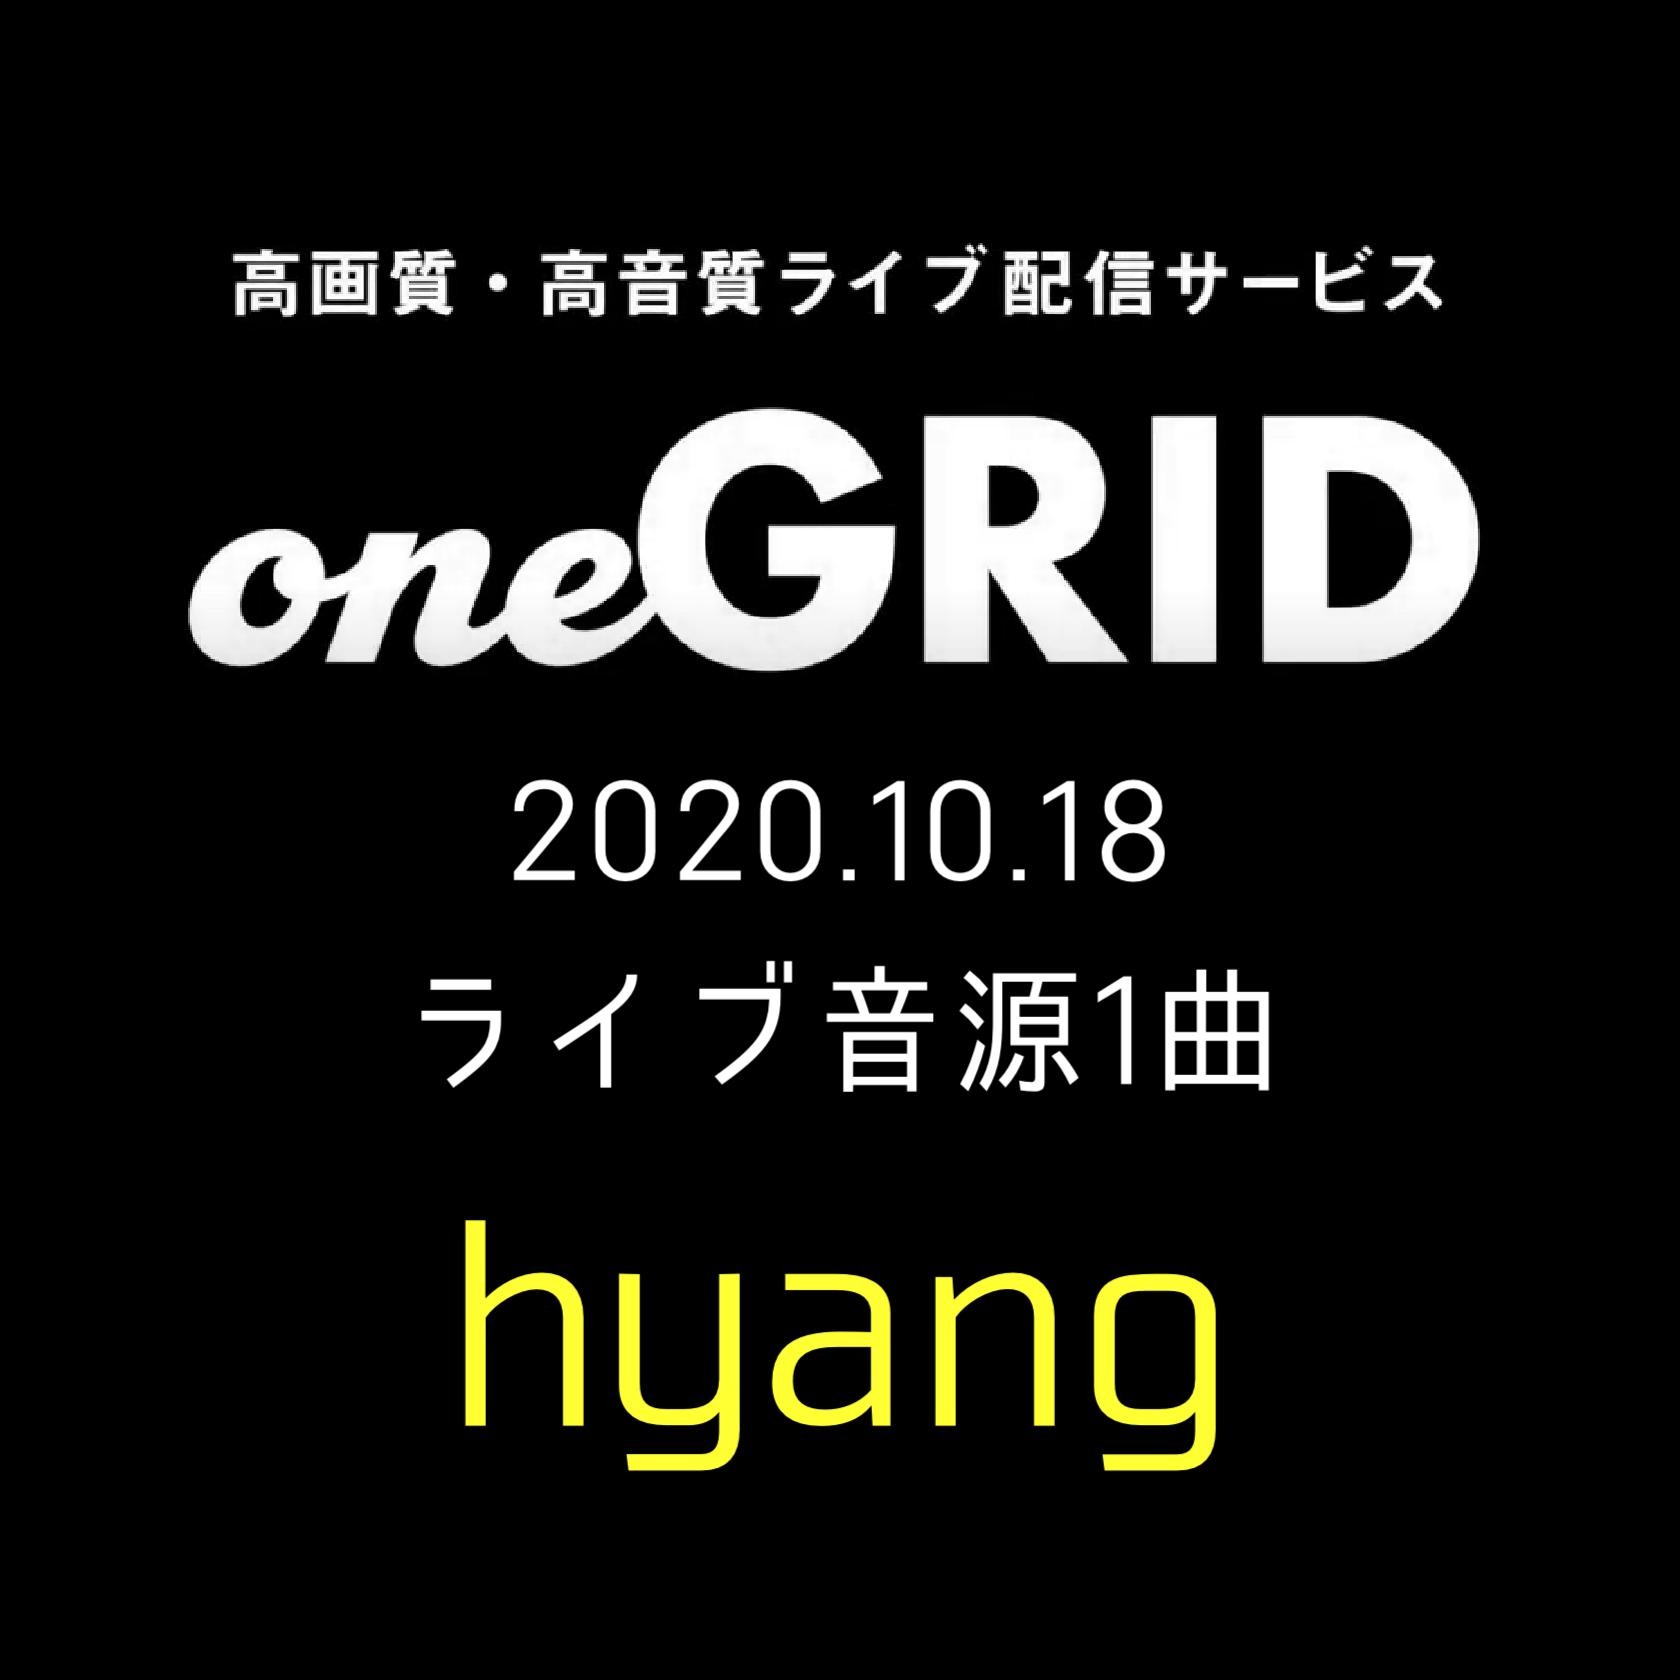 10/18 hyang ライブ音源